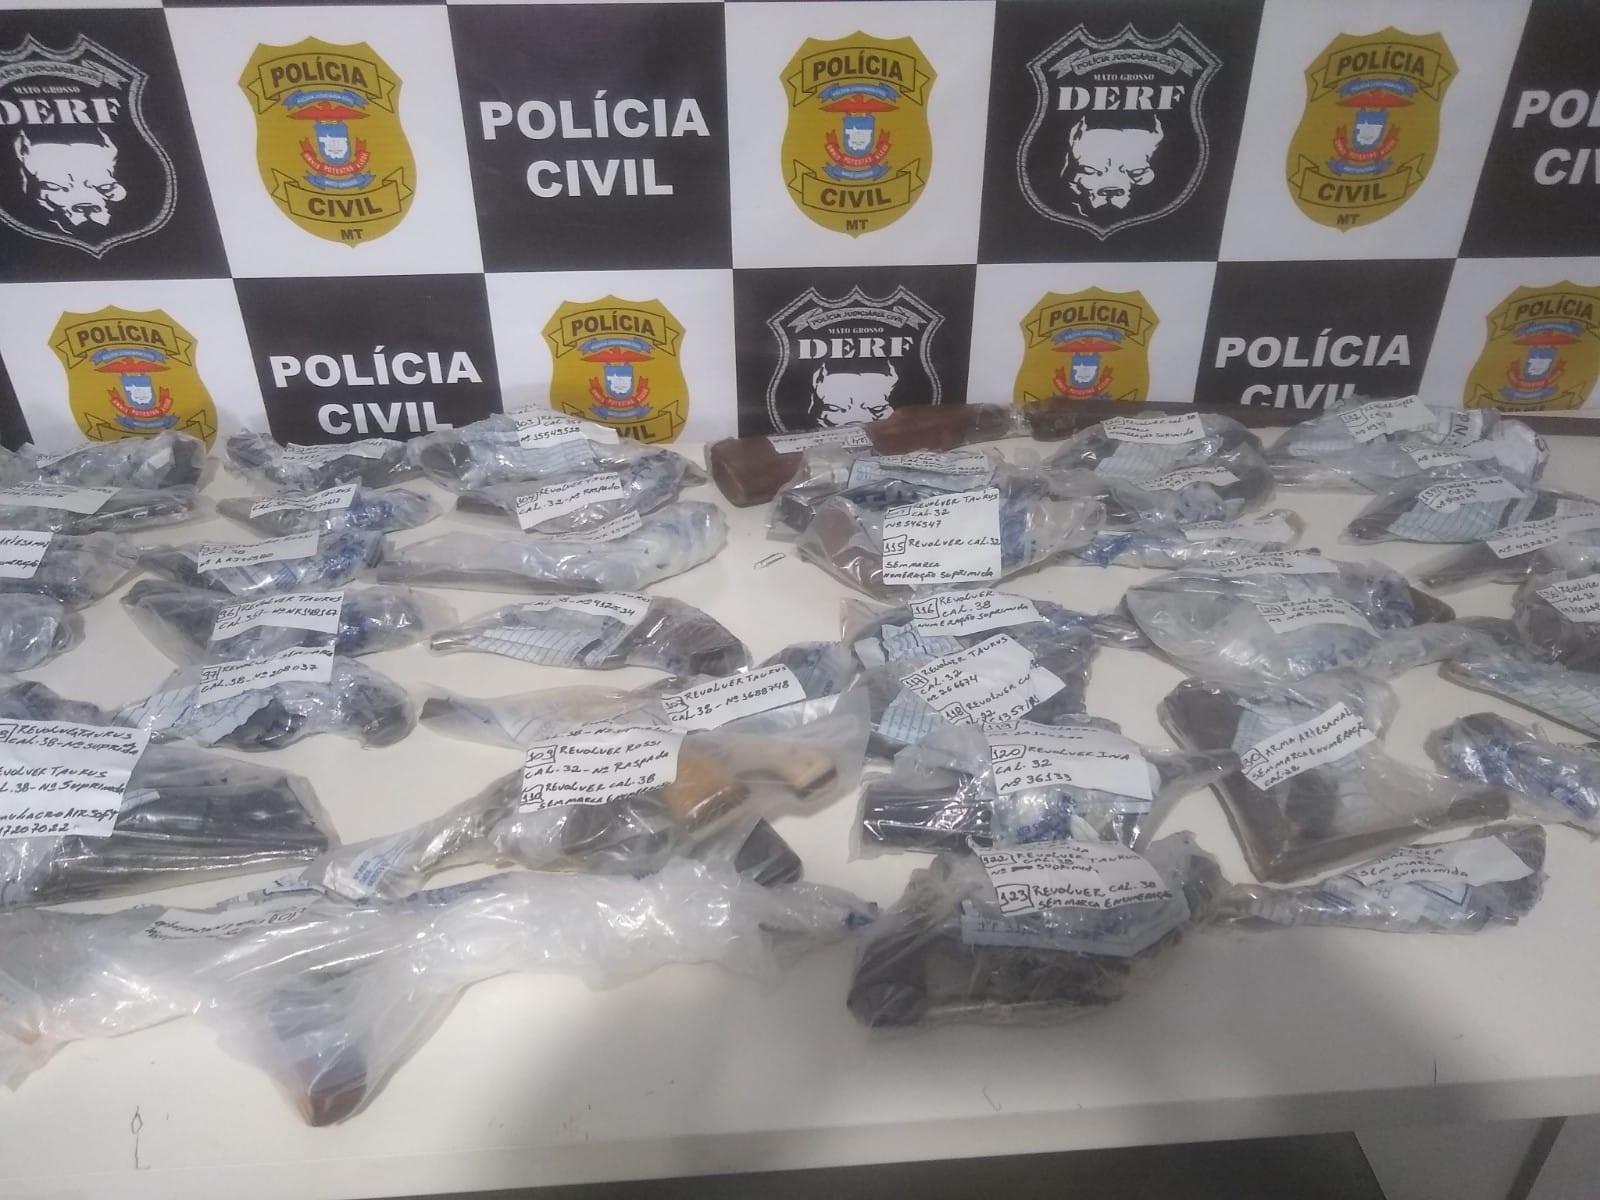 Polícia Civil destrói 142 armas apreendidas e incinera mais de 3 toneladas de drogas em MT